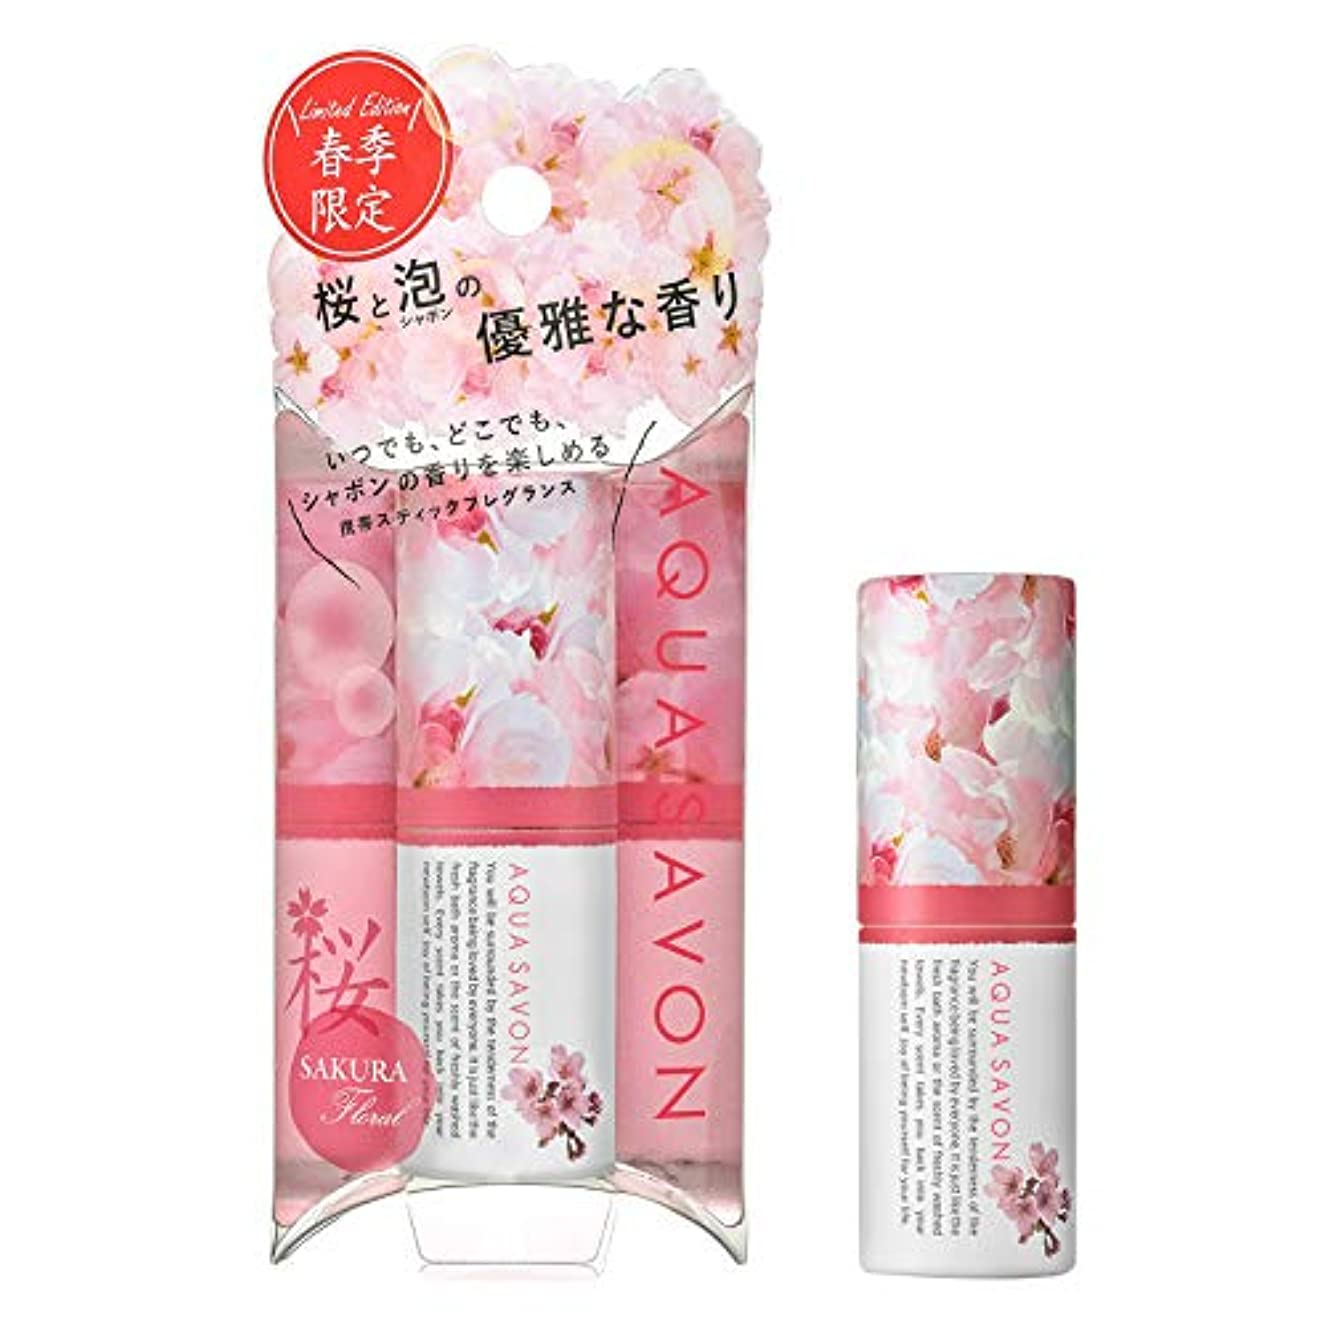 すきガロン凝視アクアシャボン スティックフレグランス 19S サクラフローラルの香り